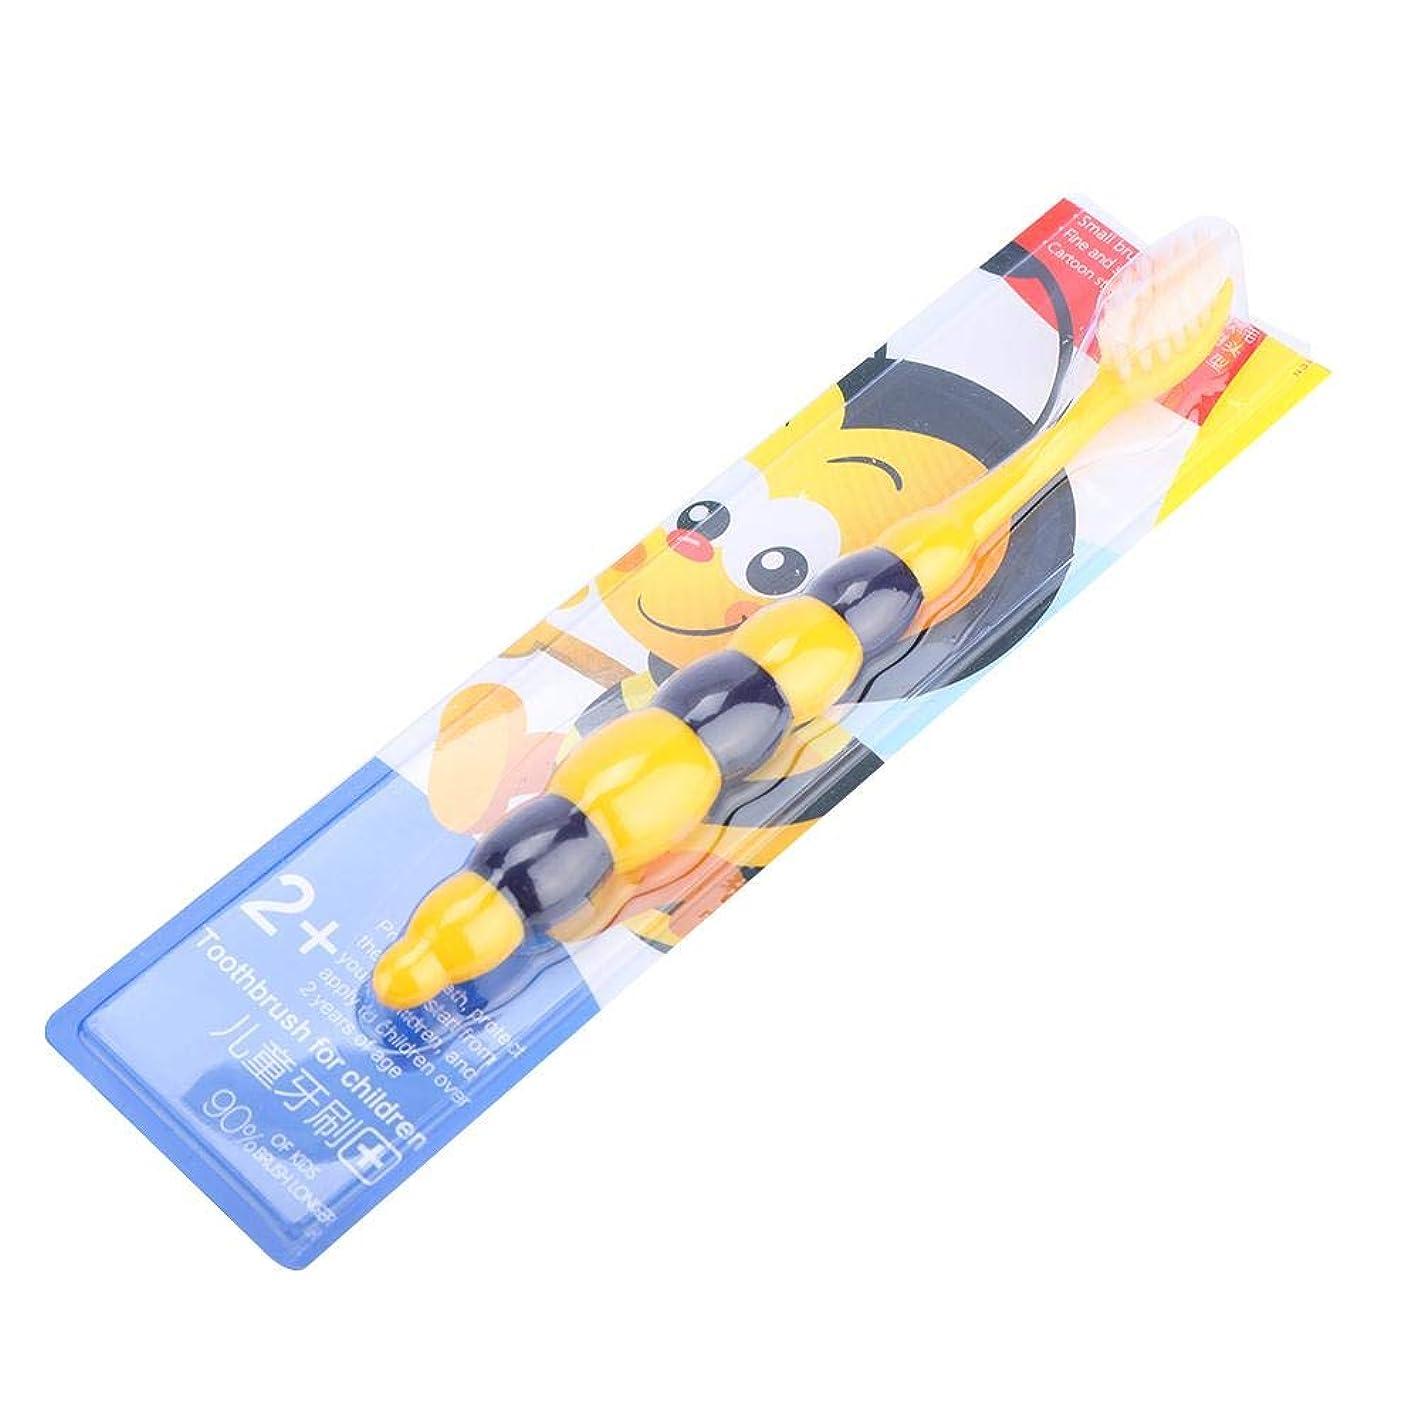 酔う強調火炎歯ブラシの子供の柔らかい毛のかわいい口頭心配用具